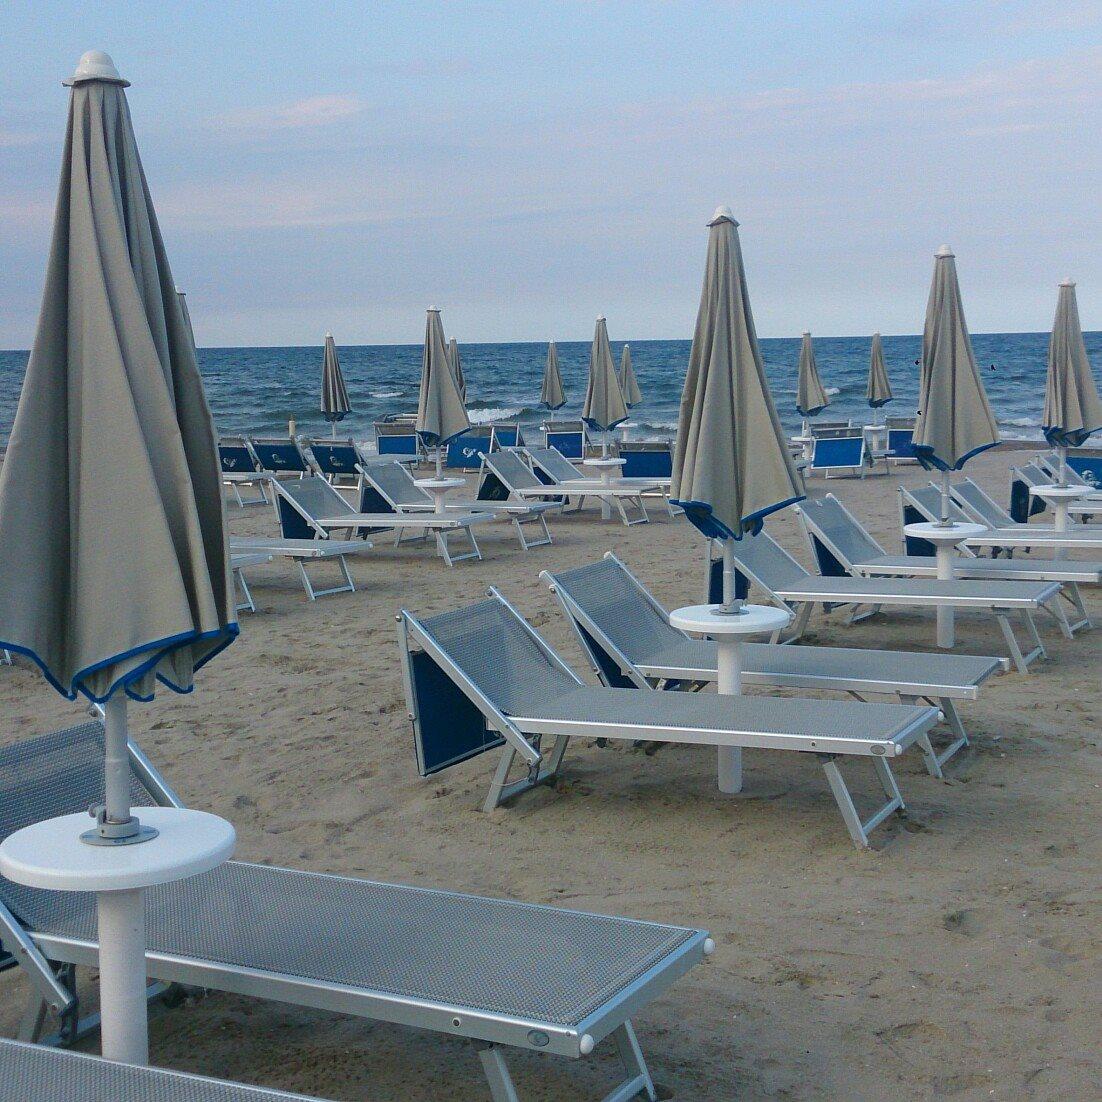 Le Saline Beach